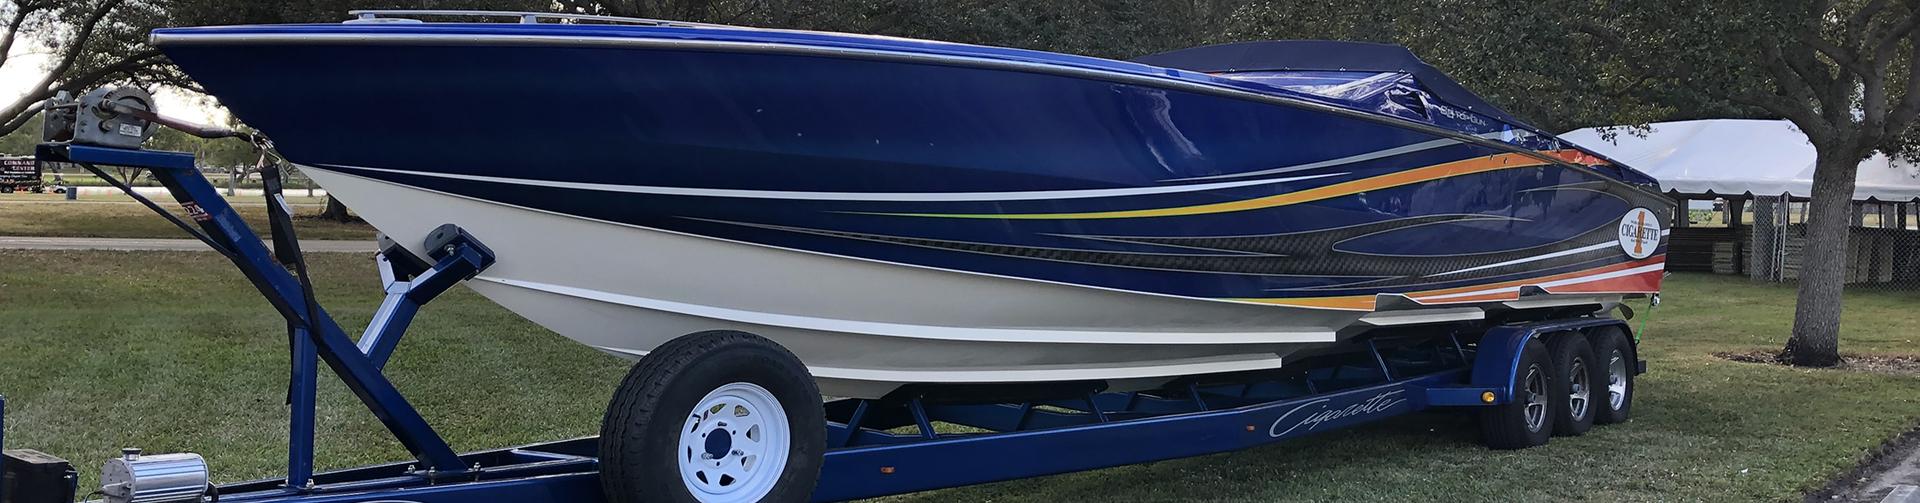 Fort Lauderdale Boat Transport